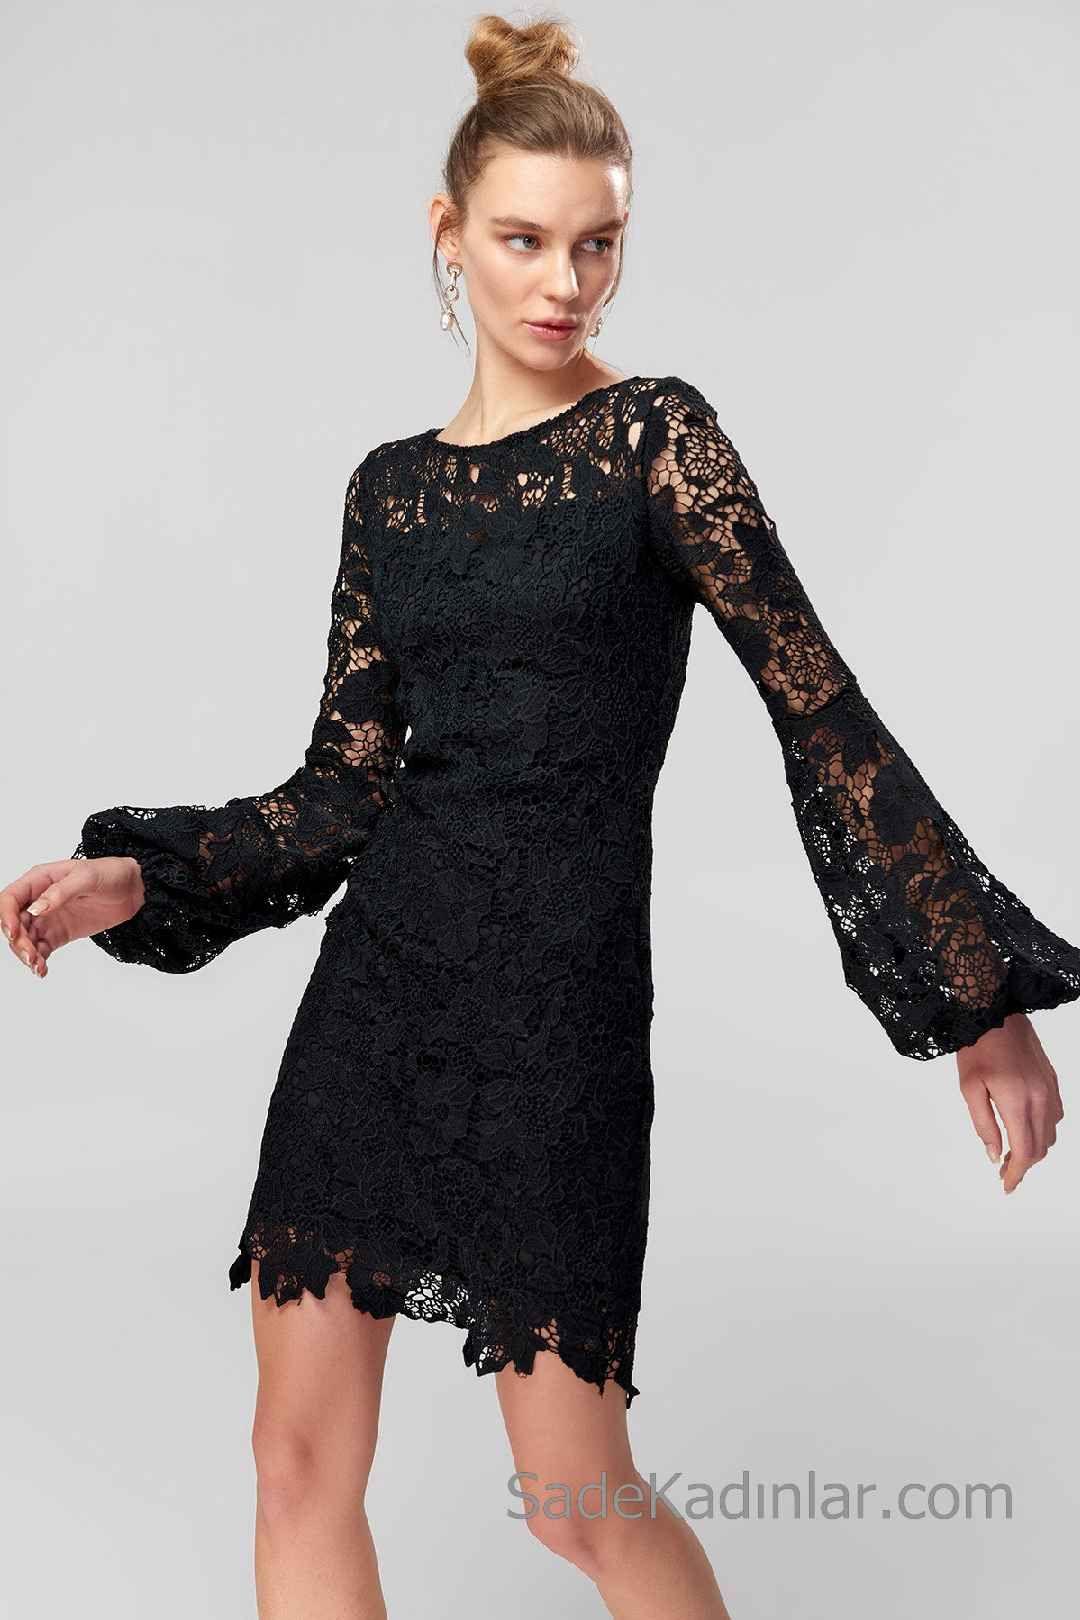 892262a8cd28f Siyah Kısa Abiye Elbise Modelleri Uzun Kollu Yuvarlak Yakalı Güpür ...